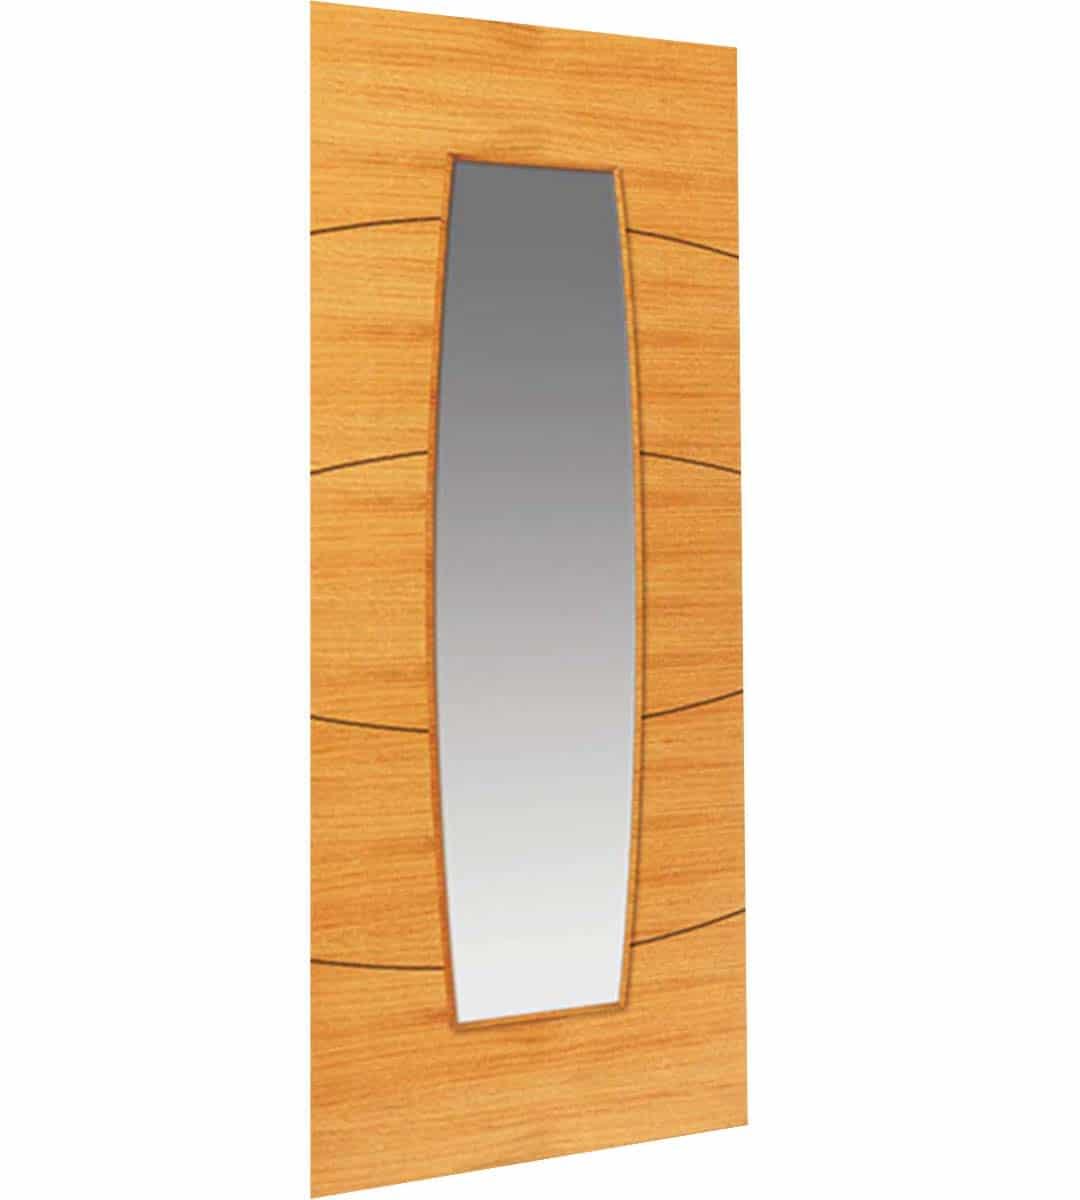 sol glazed interior door